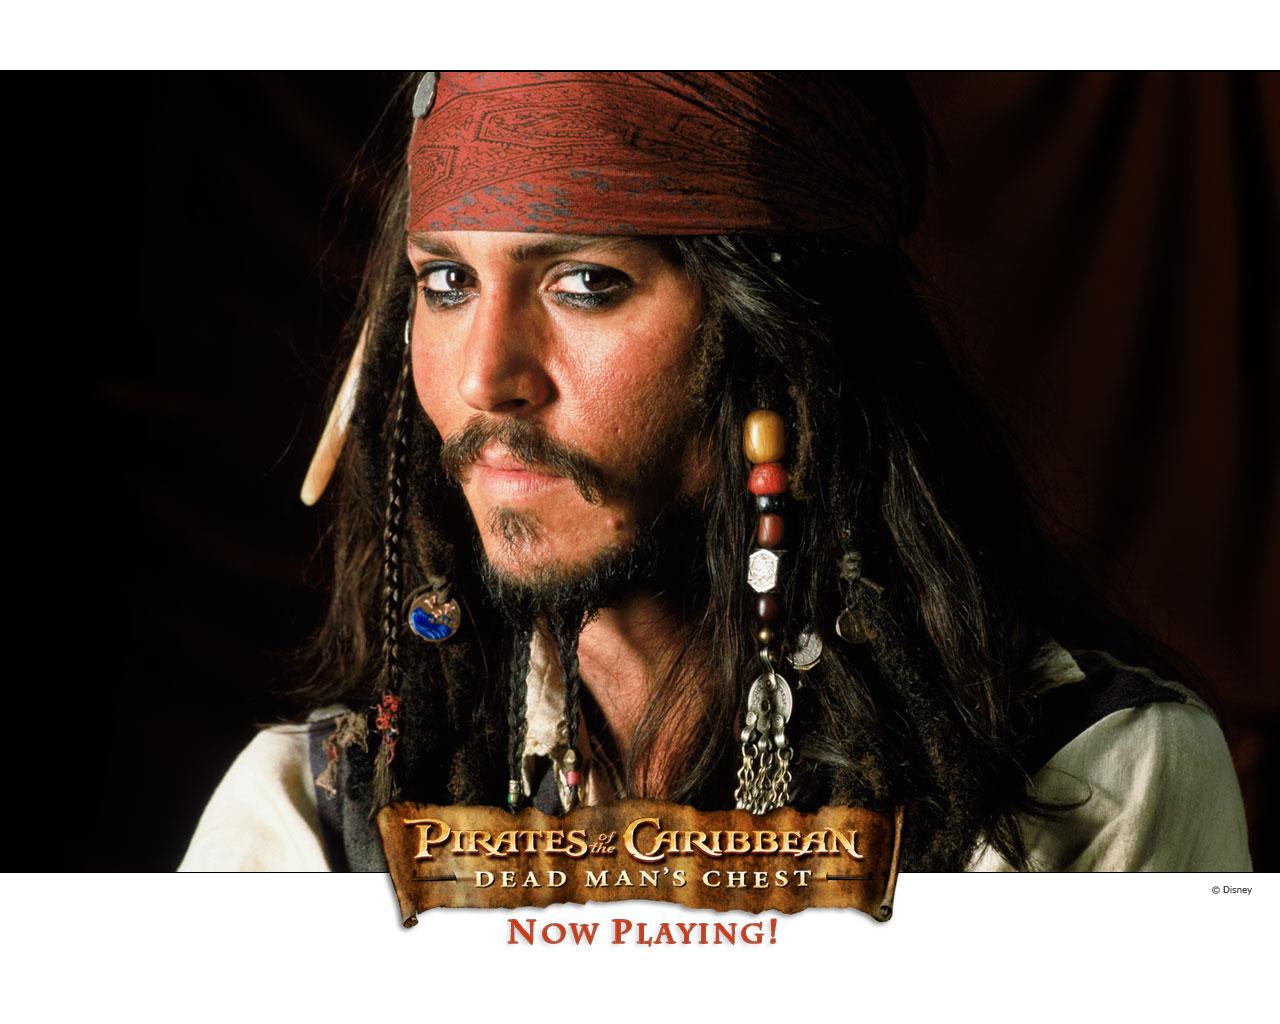 http://1.bp.blogspot.com/-1FSPPcIMqmk/TpsY9tucbuI/AAAAAAAAAiY/zNPY6LGT-gY/s1600/Hollywood+actor+Wallpaper+%25284%2529.jpg